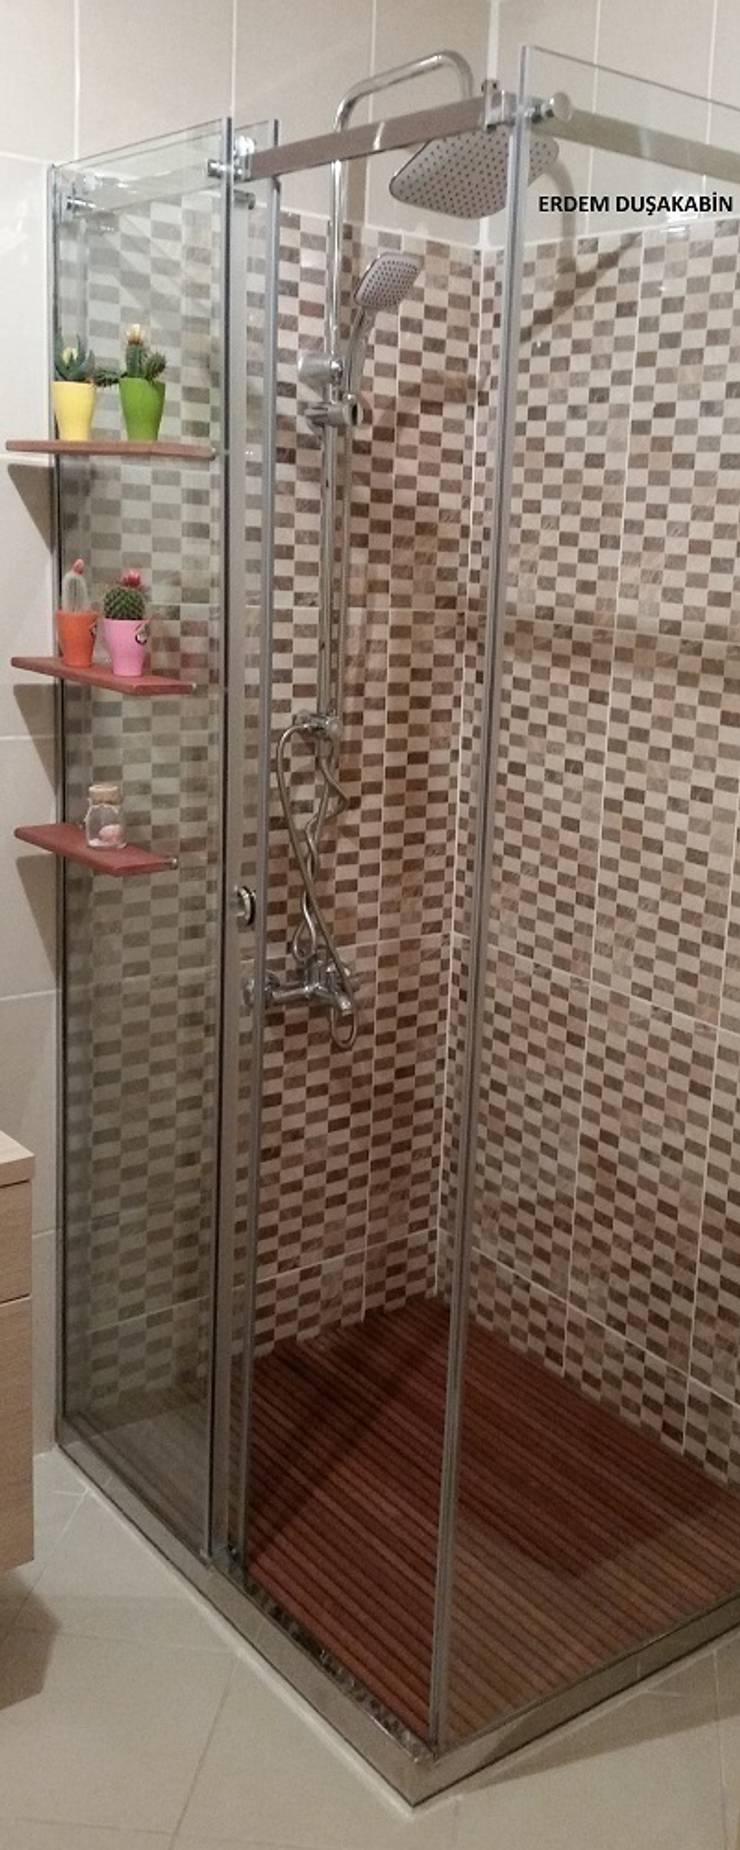 Erdem Duşakabin Tasarım Atölyesi – sürgülü sistem cam duşakabin:  tarz